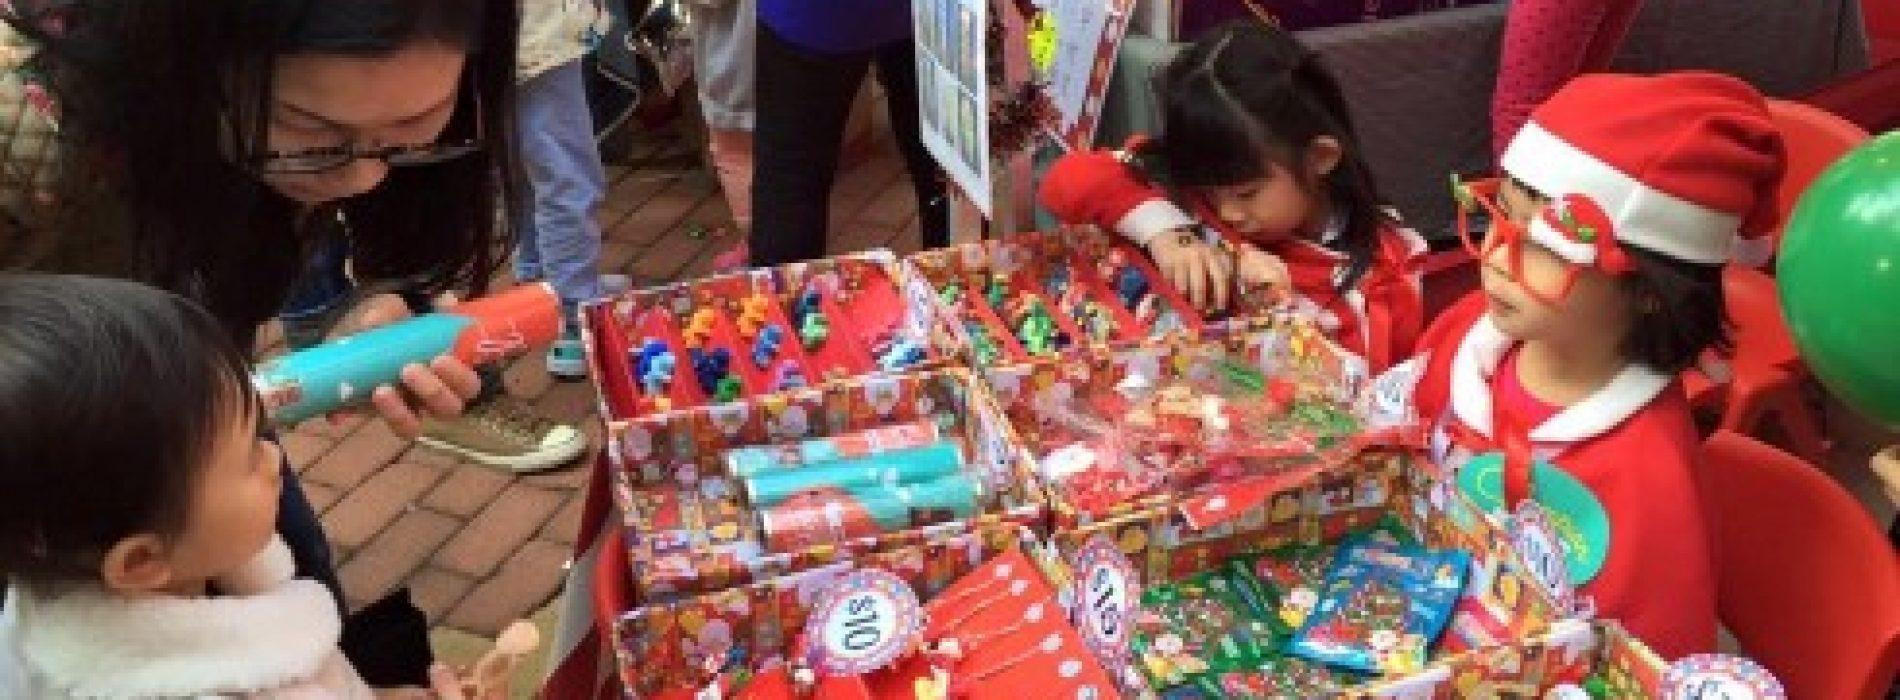 奧海城「露天聖誕市集」+兒童專區  3-25/12 (逢星期六、日)